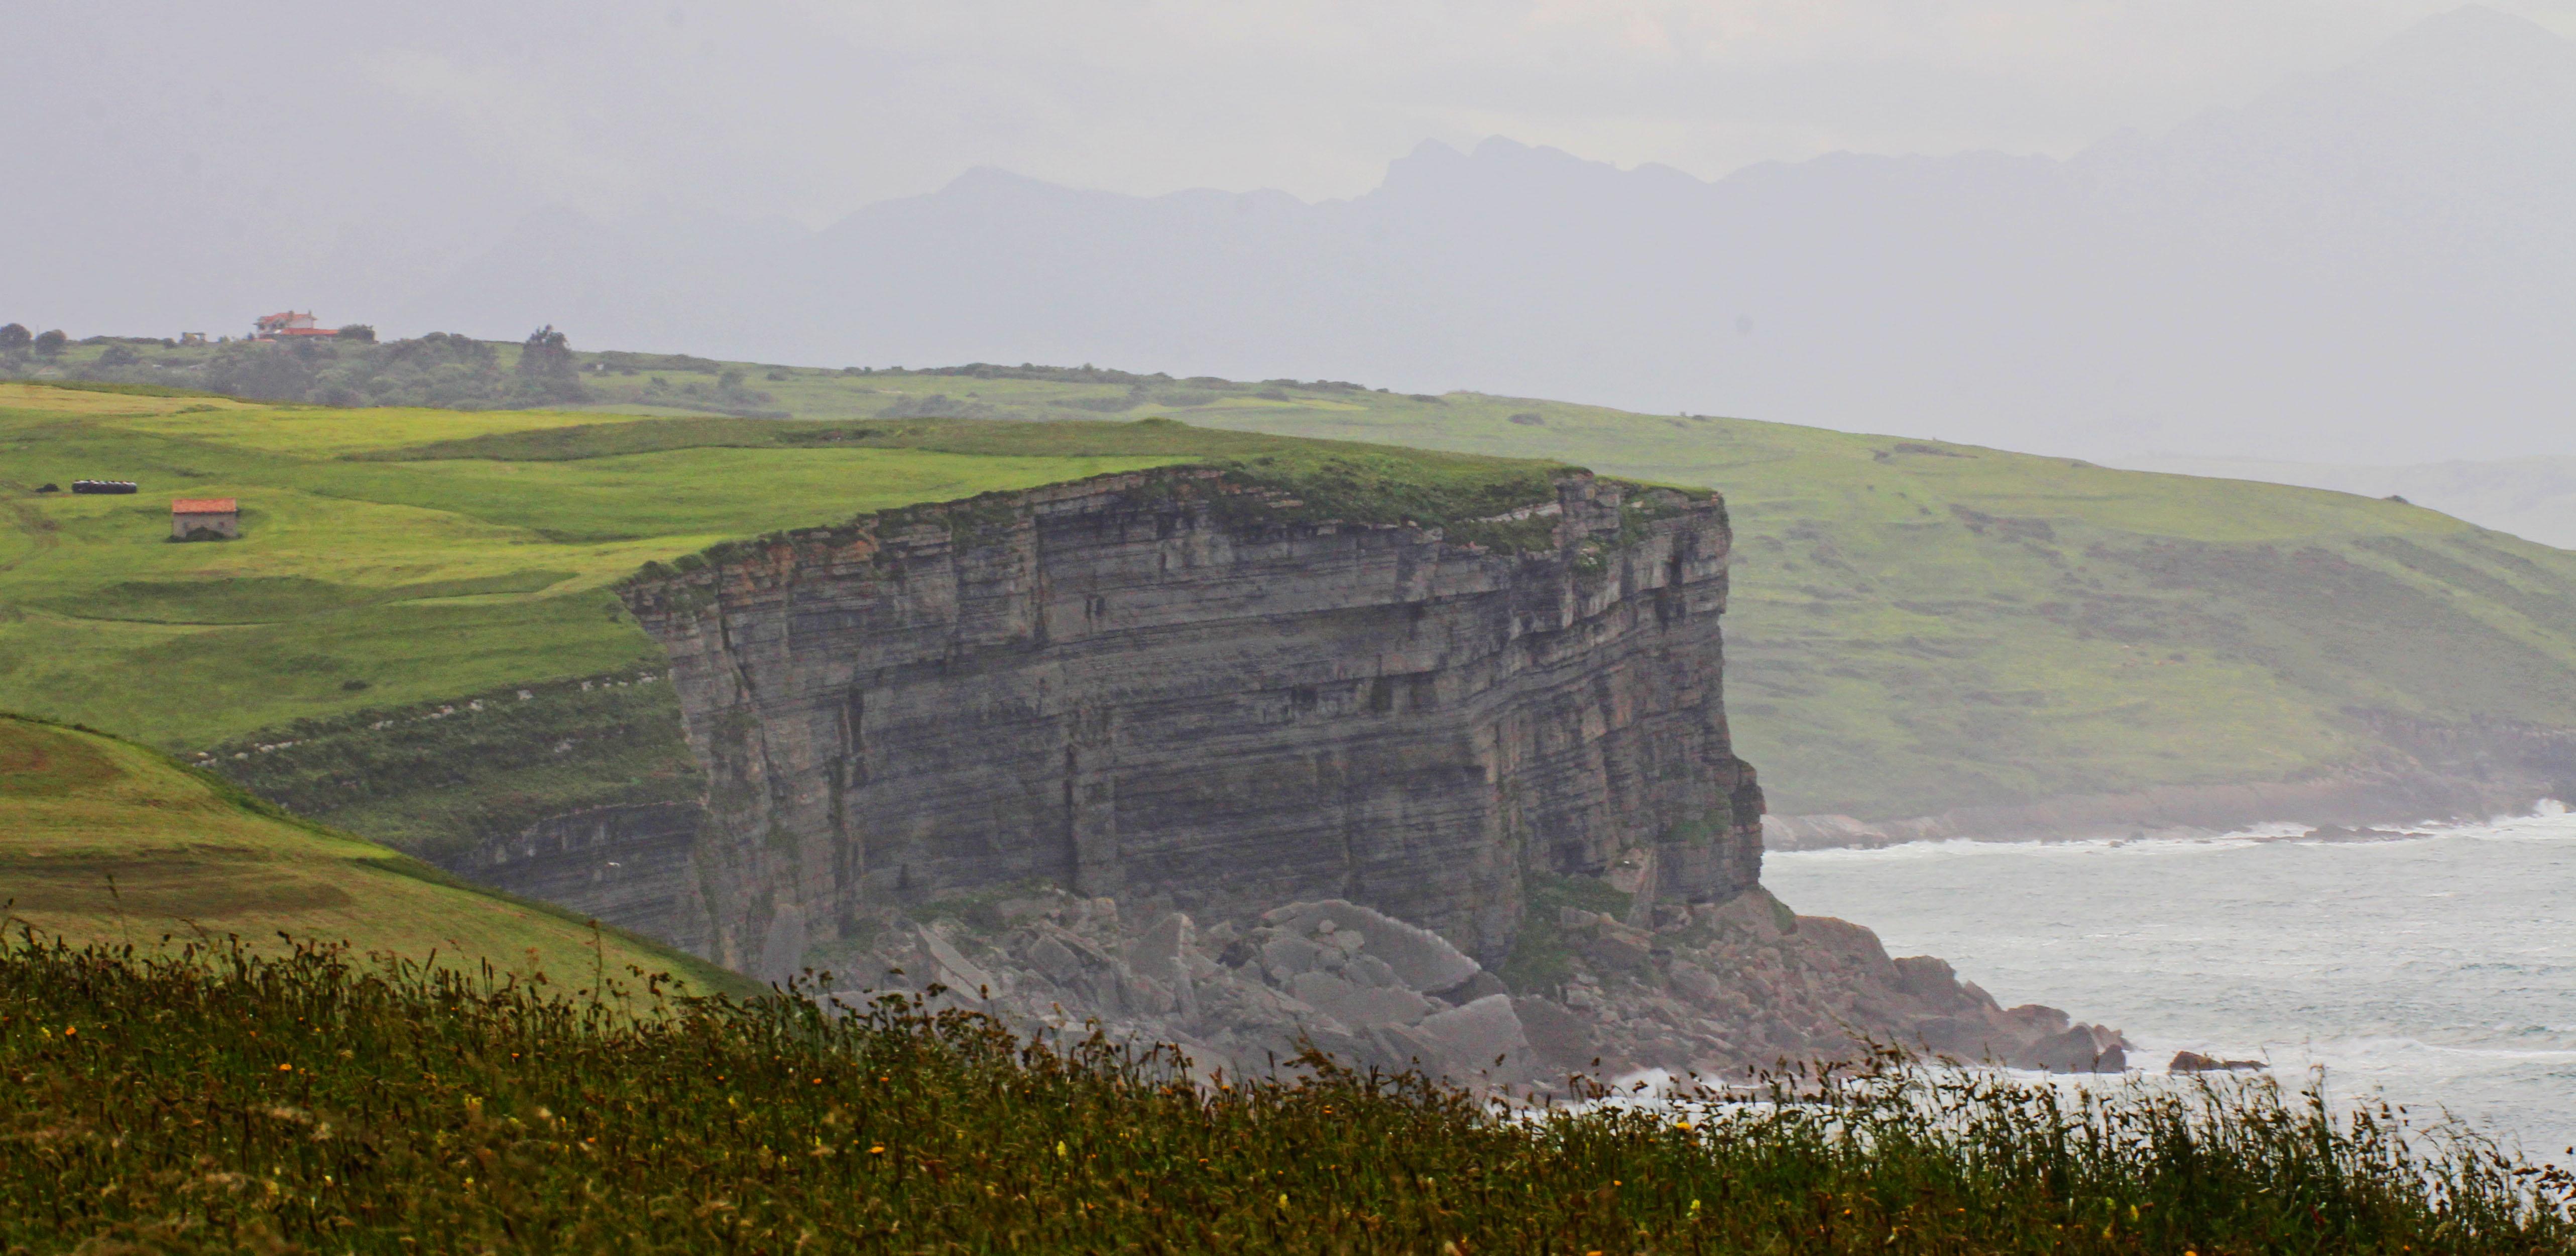 Acantilados de Toñanes en la costa occidental entre Santllana del Mar y Comillas